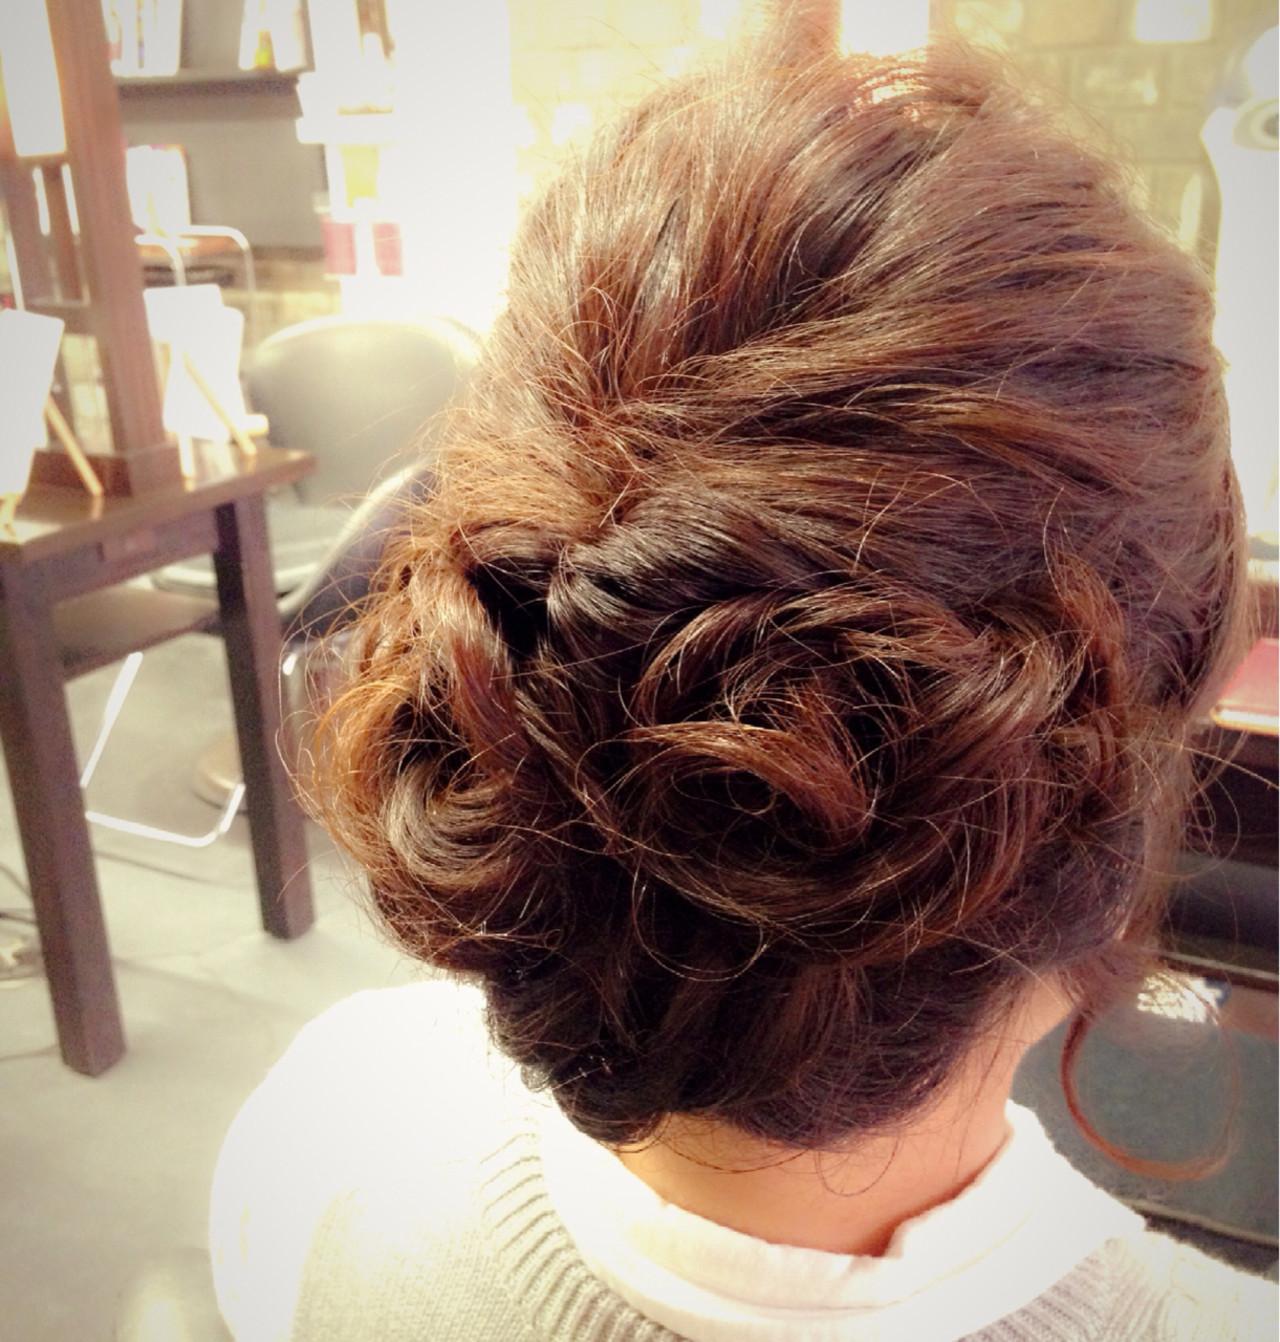 ヘアアレンジ 大人かわいい 編み込み ミディアムヘアスタイルや髪型の写真・画像